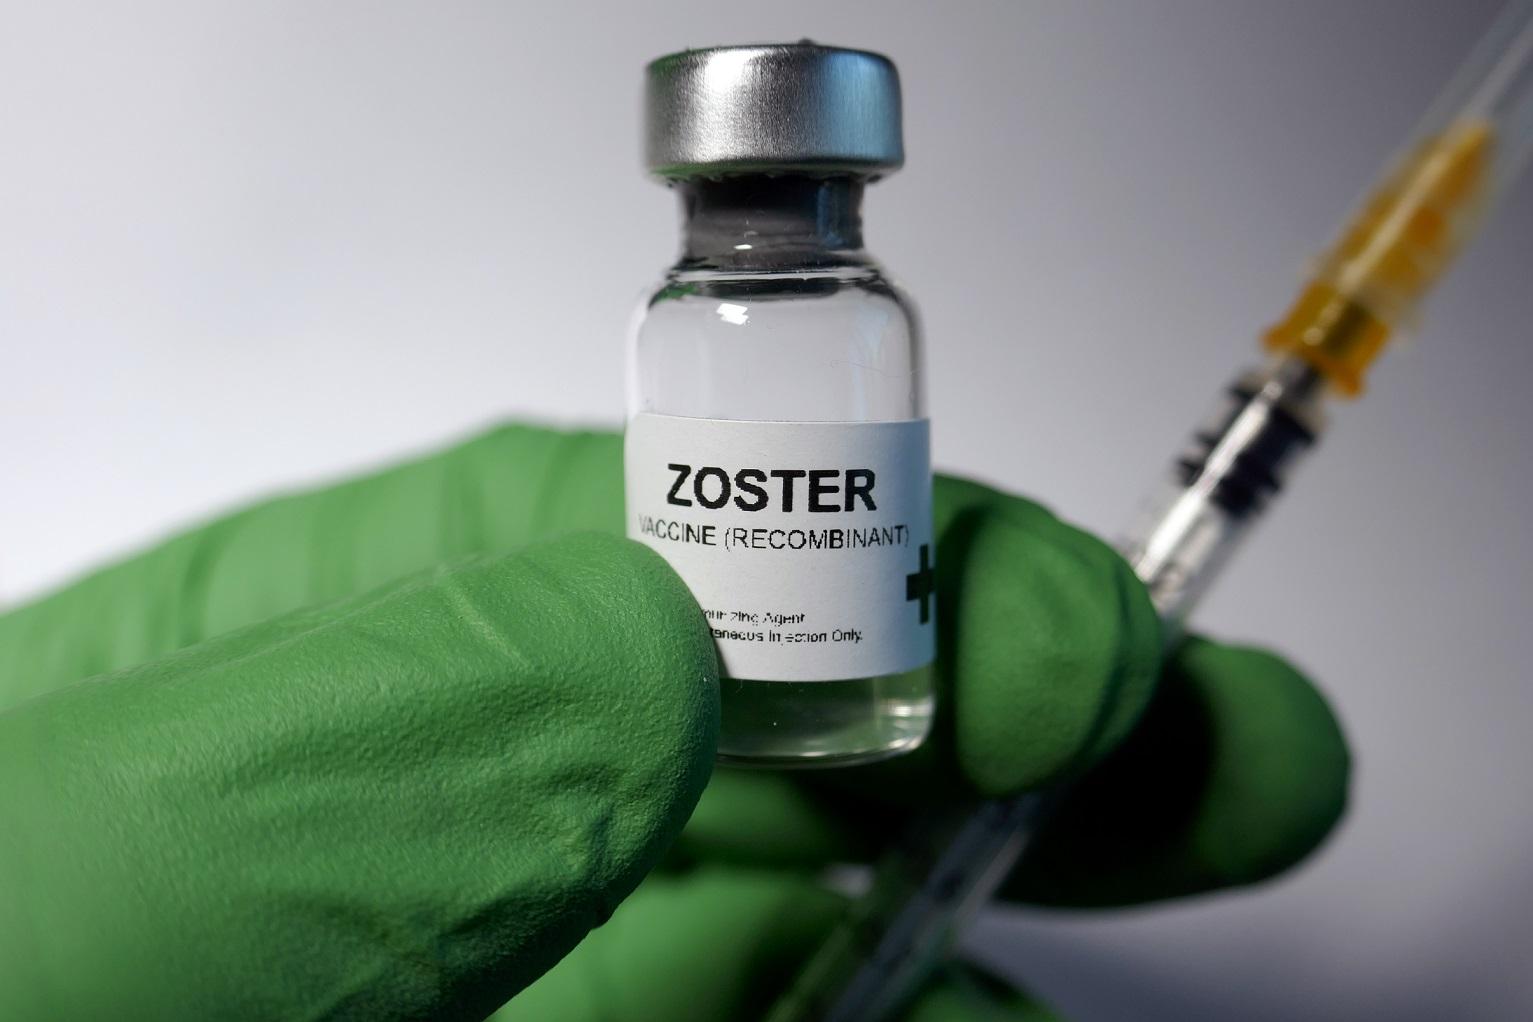 Zoster inoculation